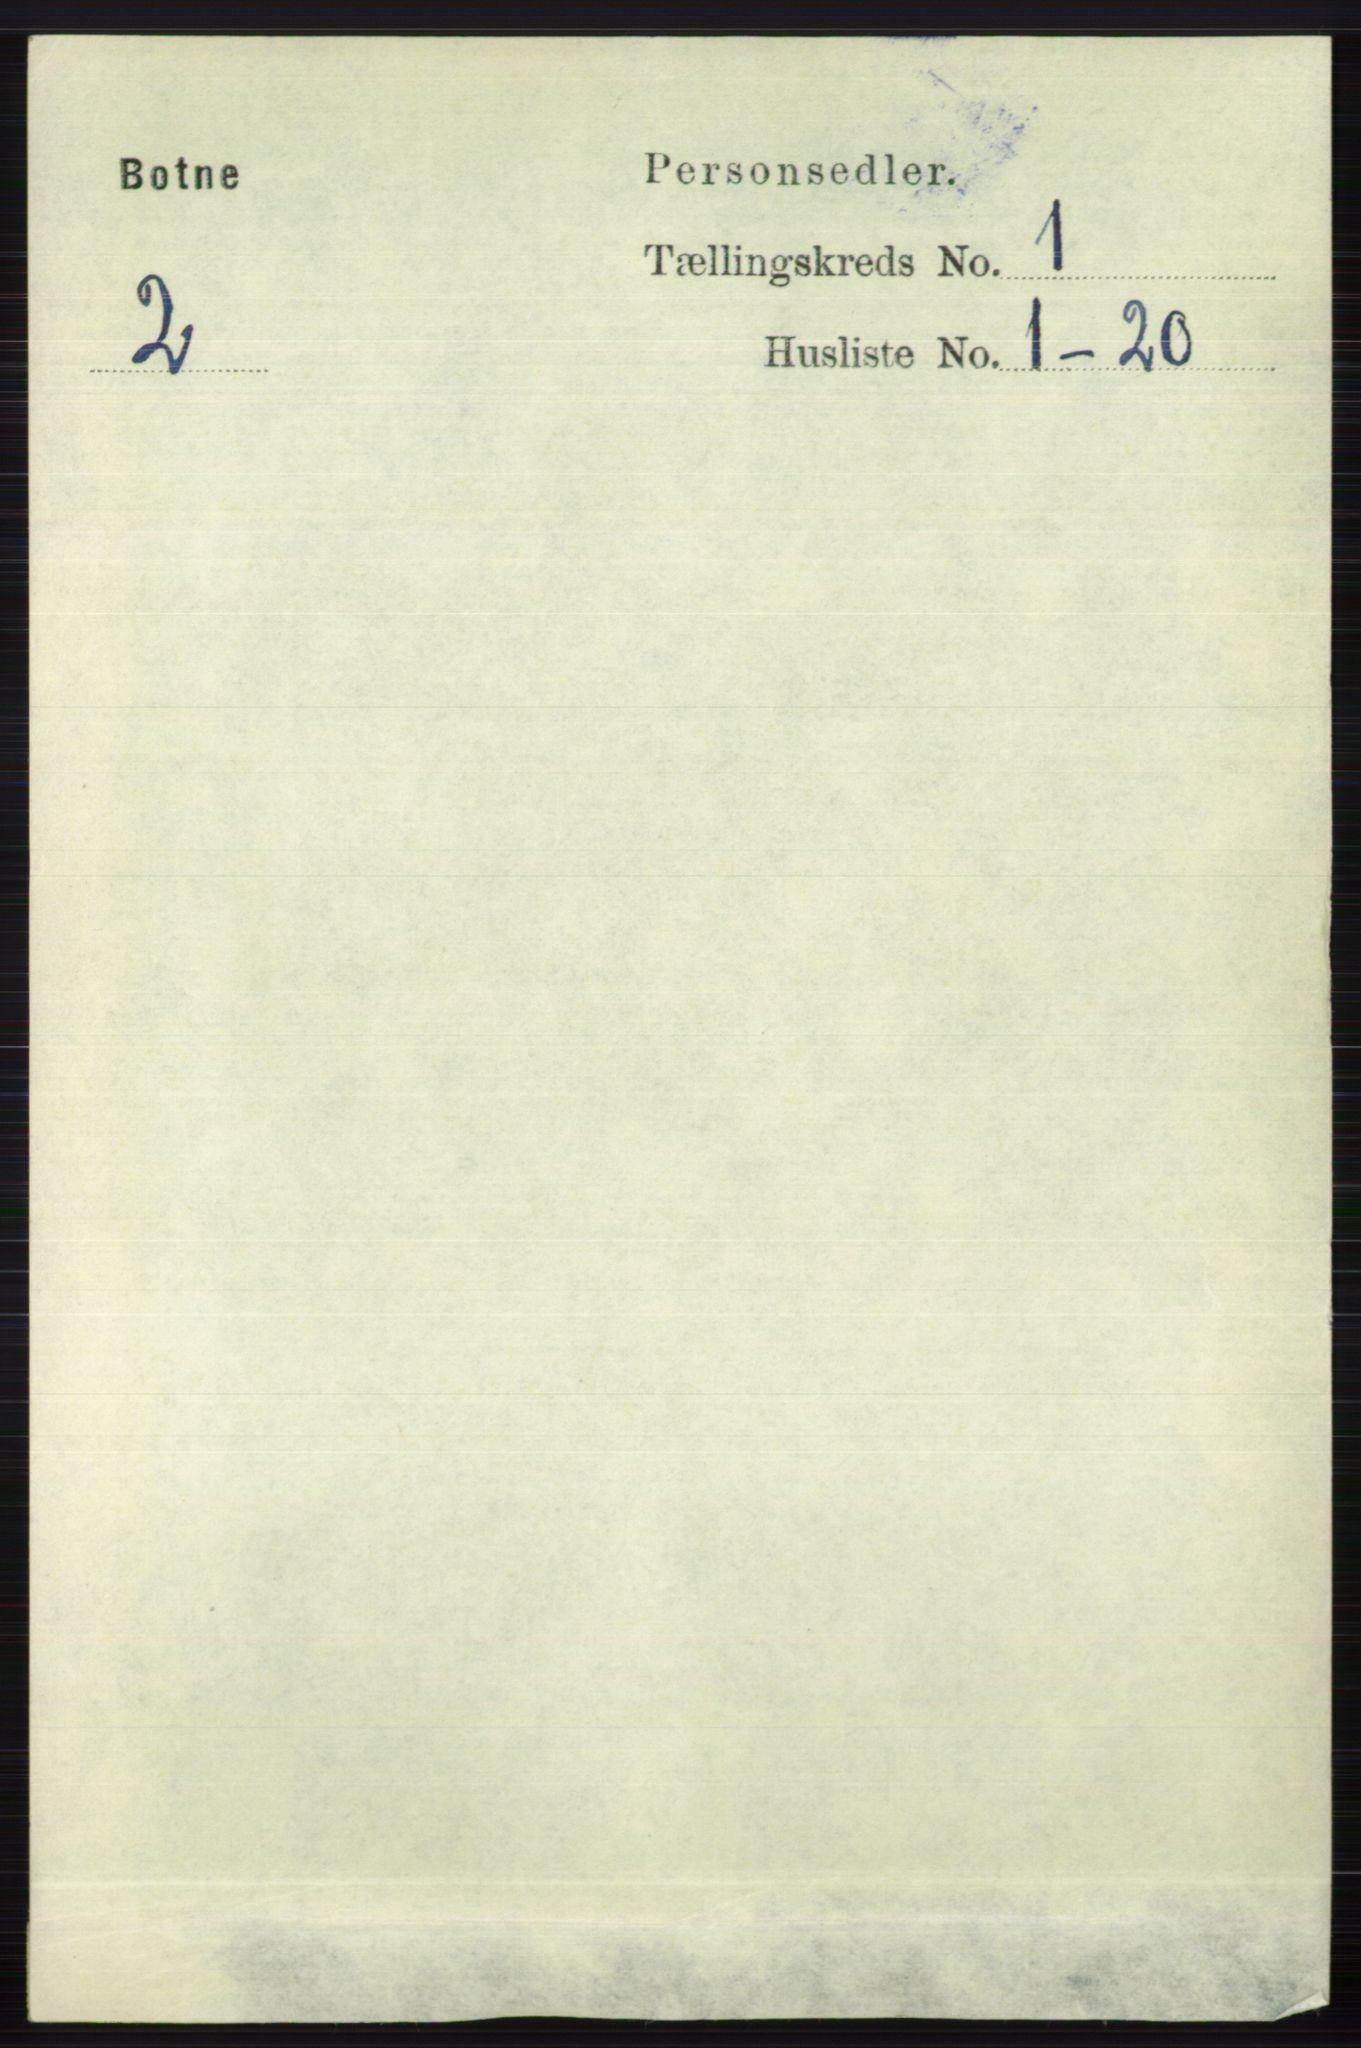 RA, Folketelling 1891 for 0715 Botne herred, 1891, s. 101